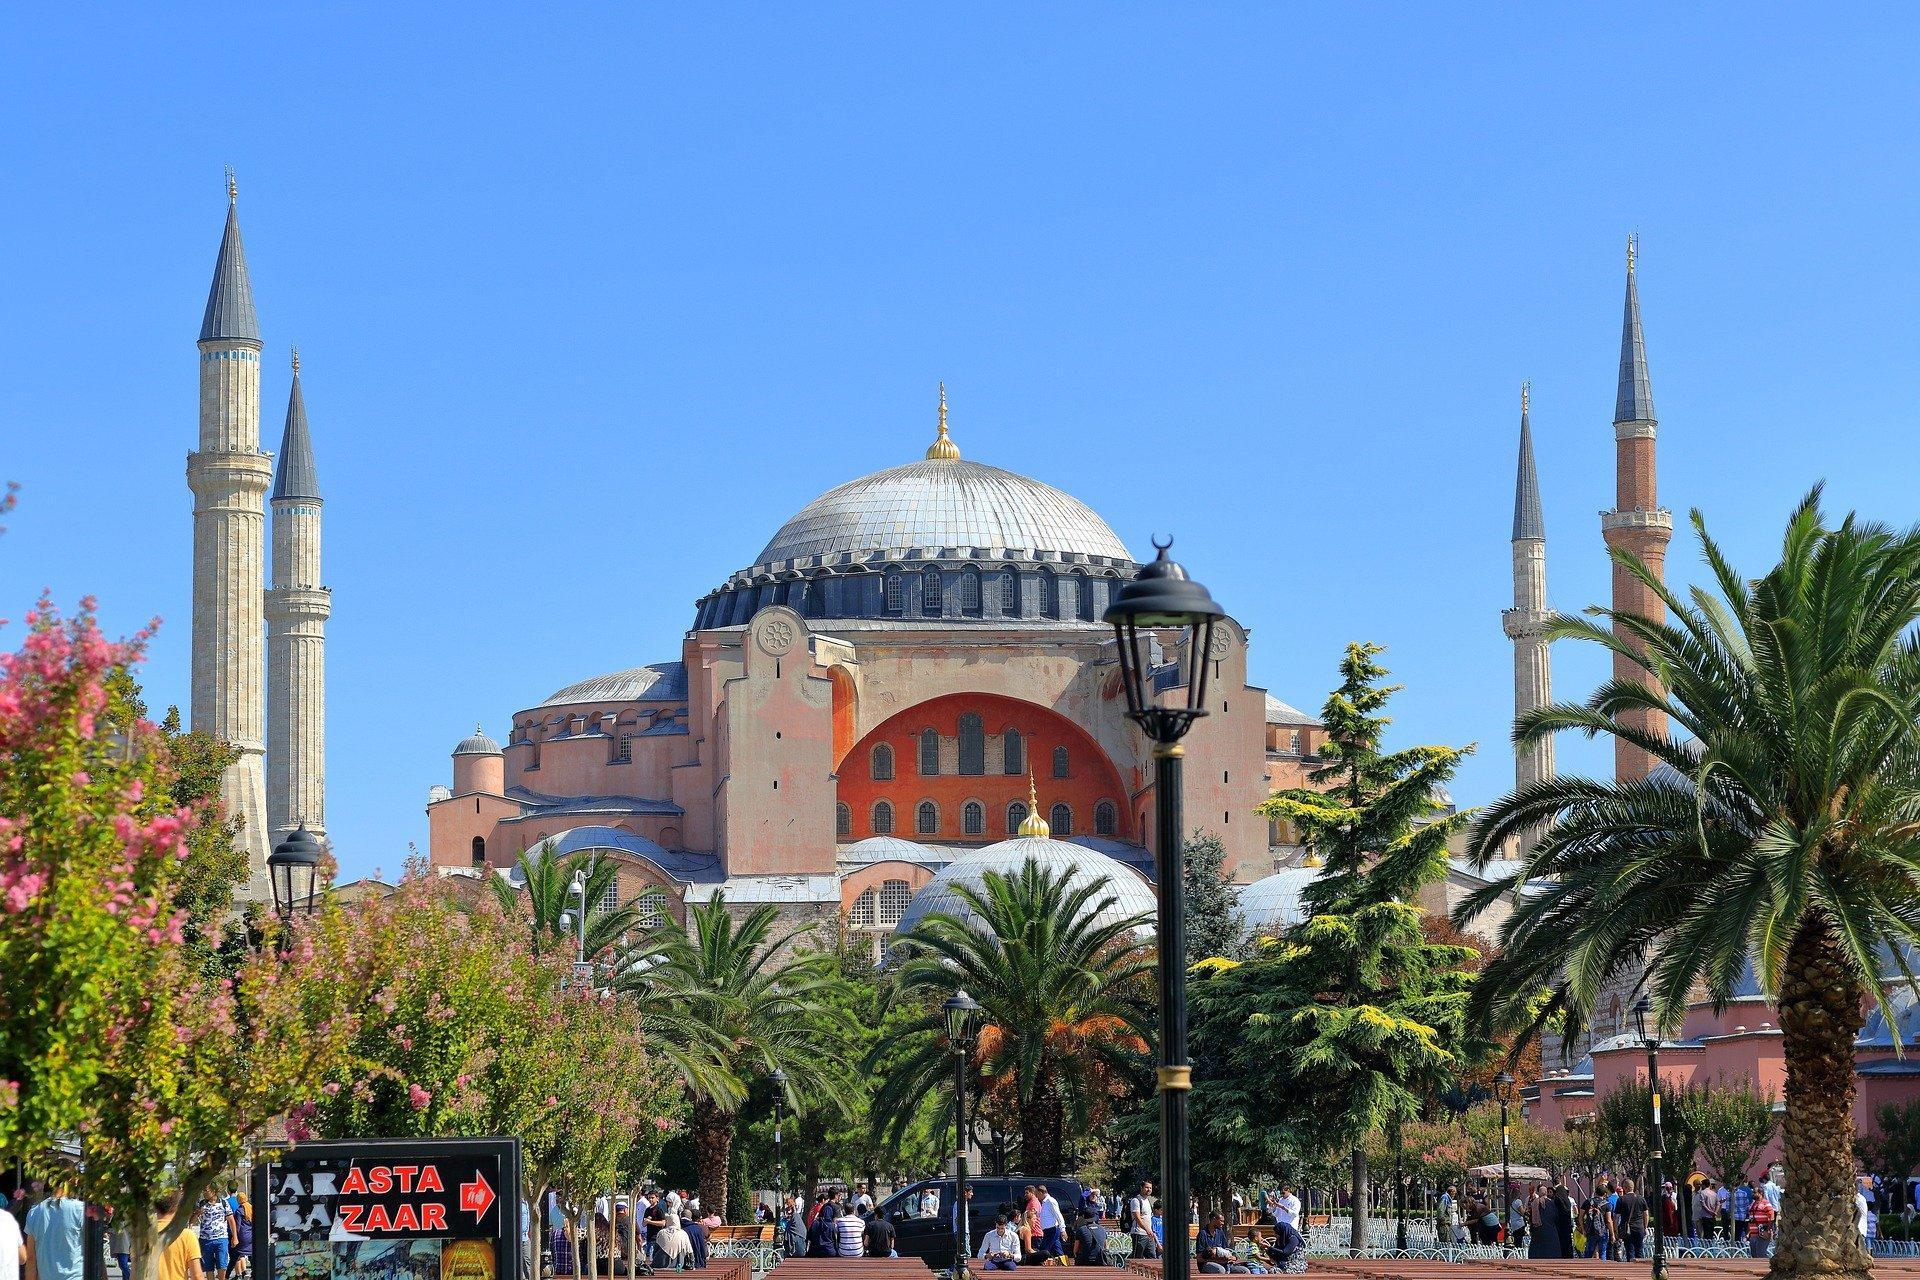 Эрдоган резко ответил накритику планов превратить храм Святой Софии вмечеть